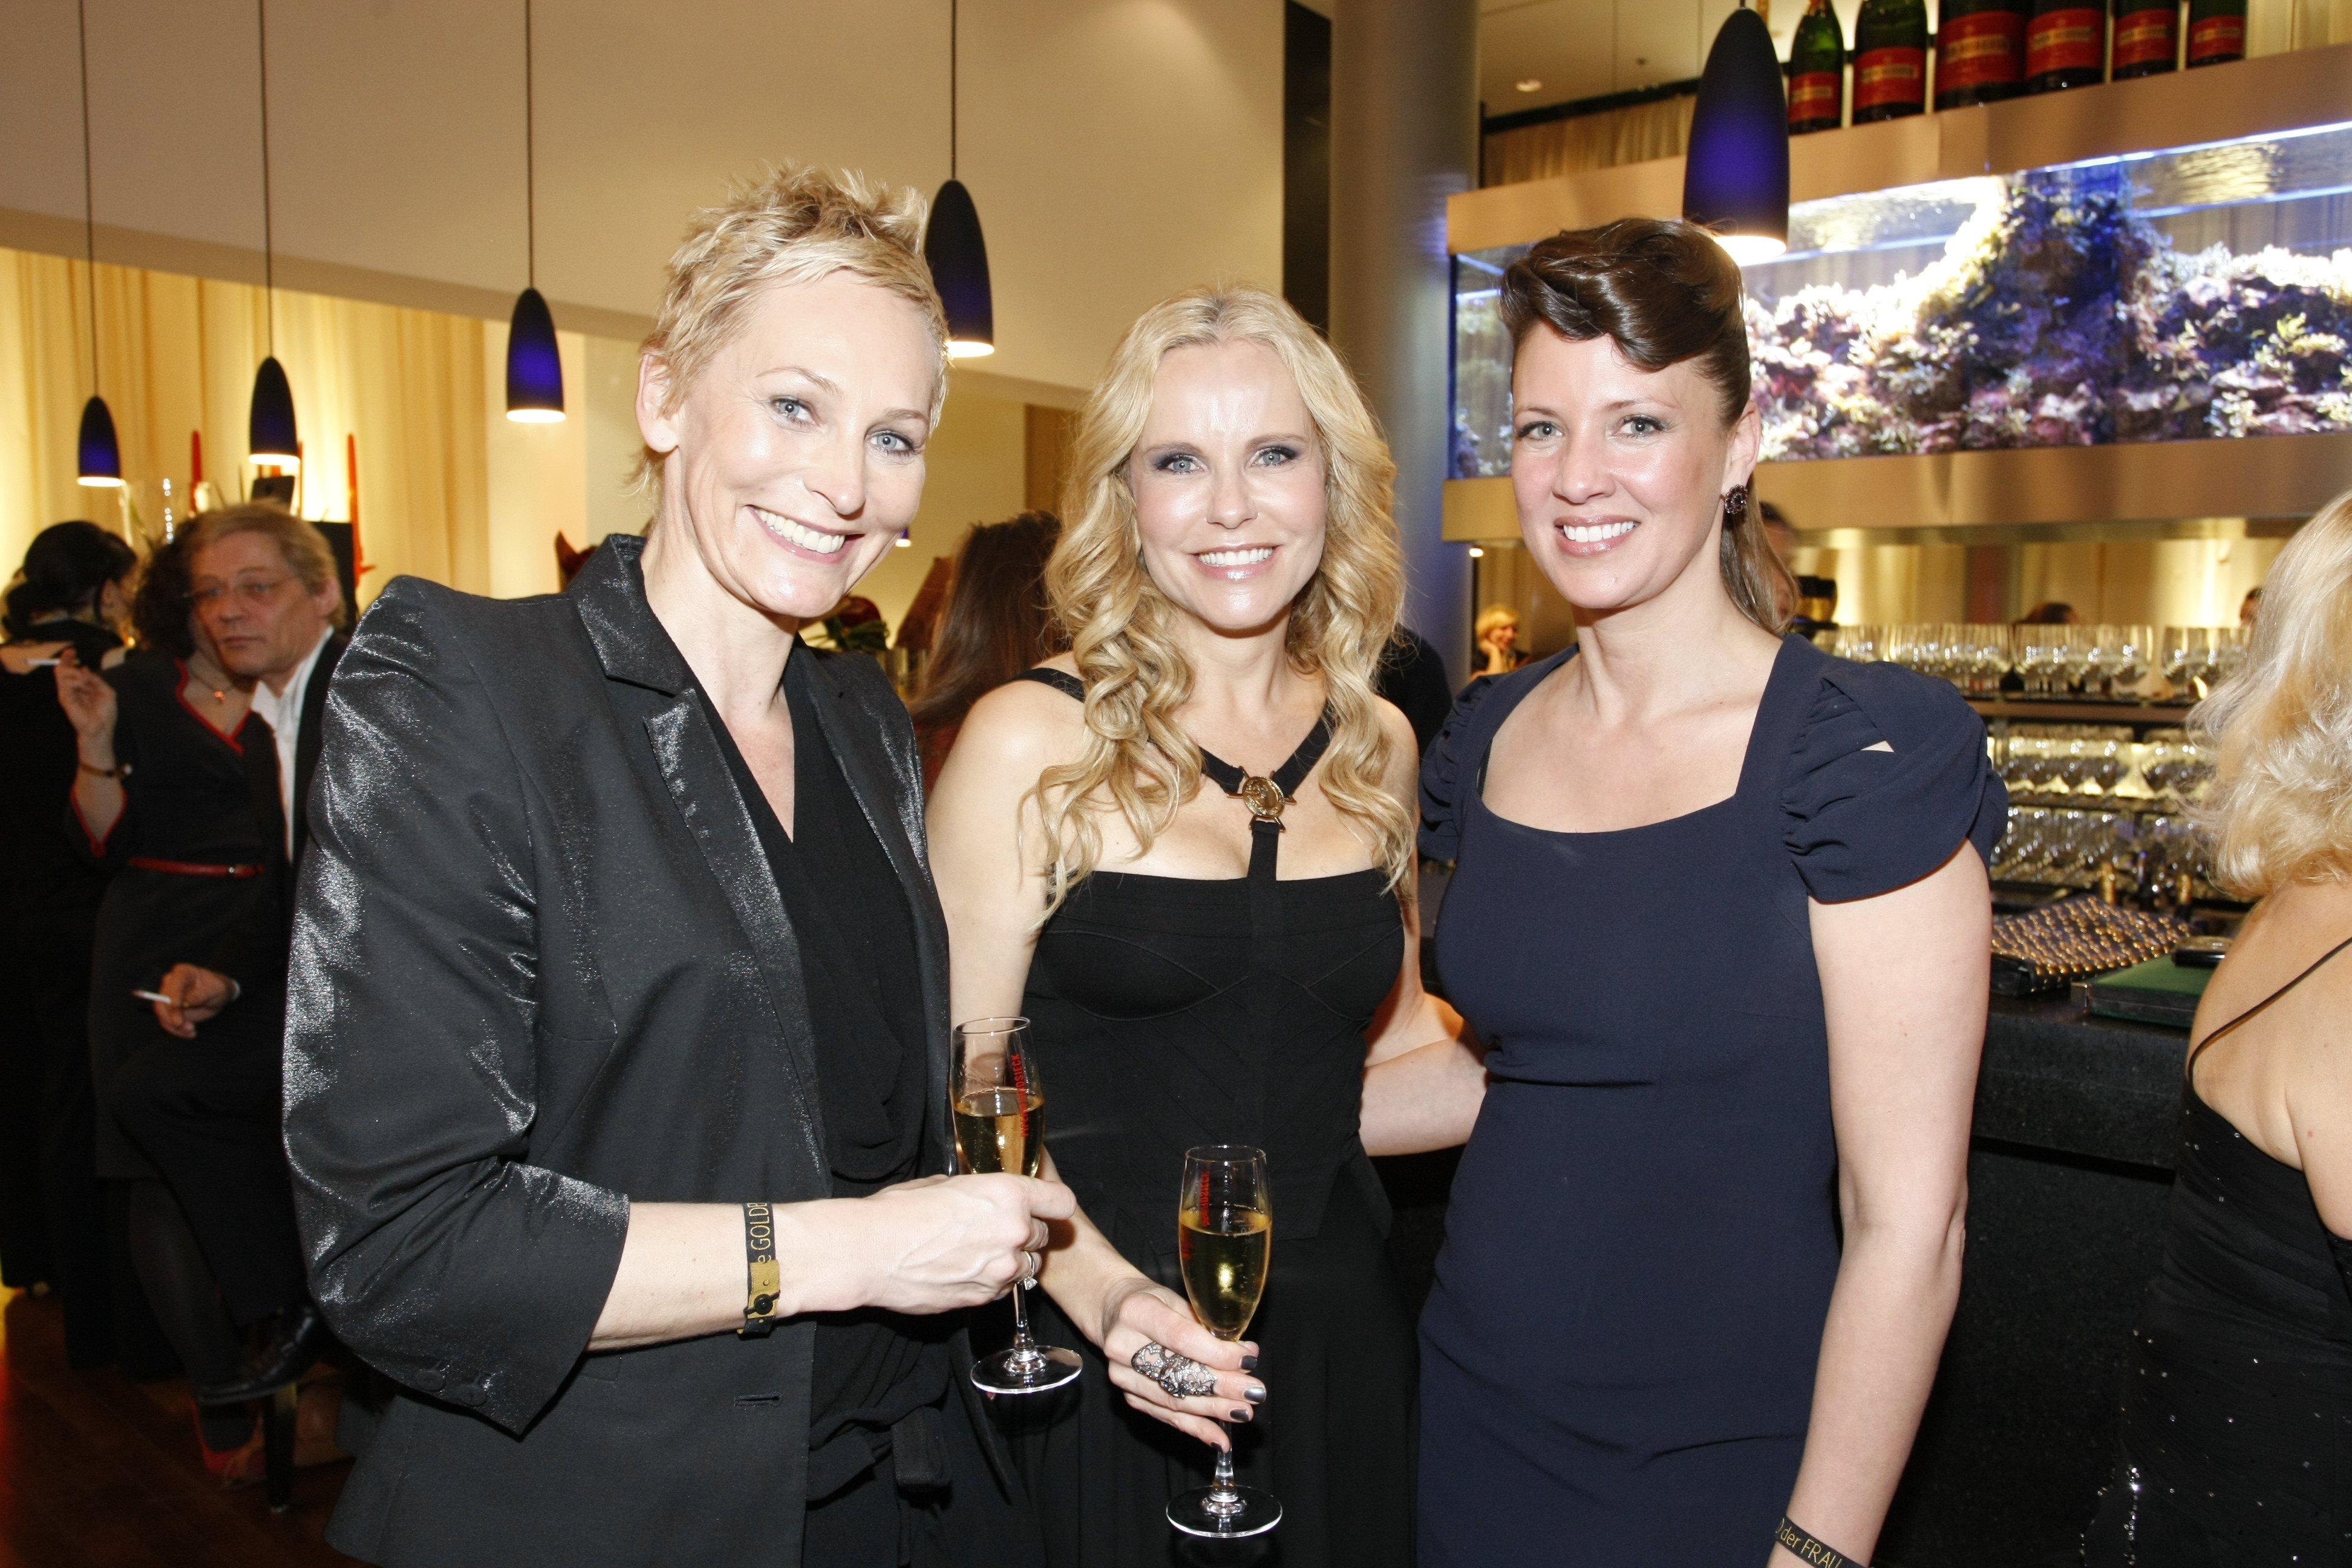 Bärbel Schäfer, Katja Burkard, Dana Schw